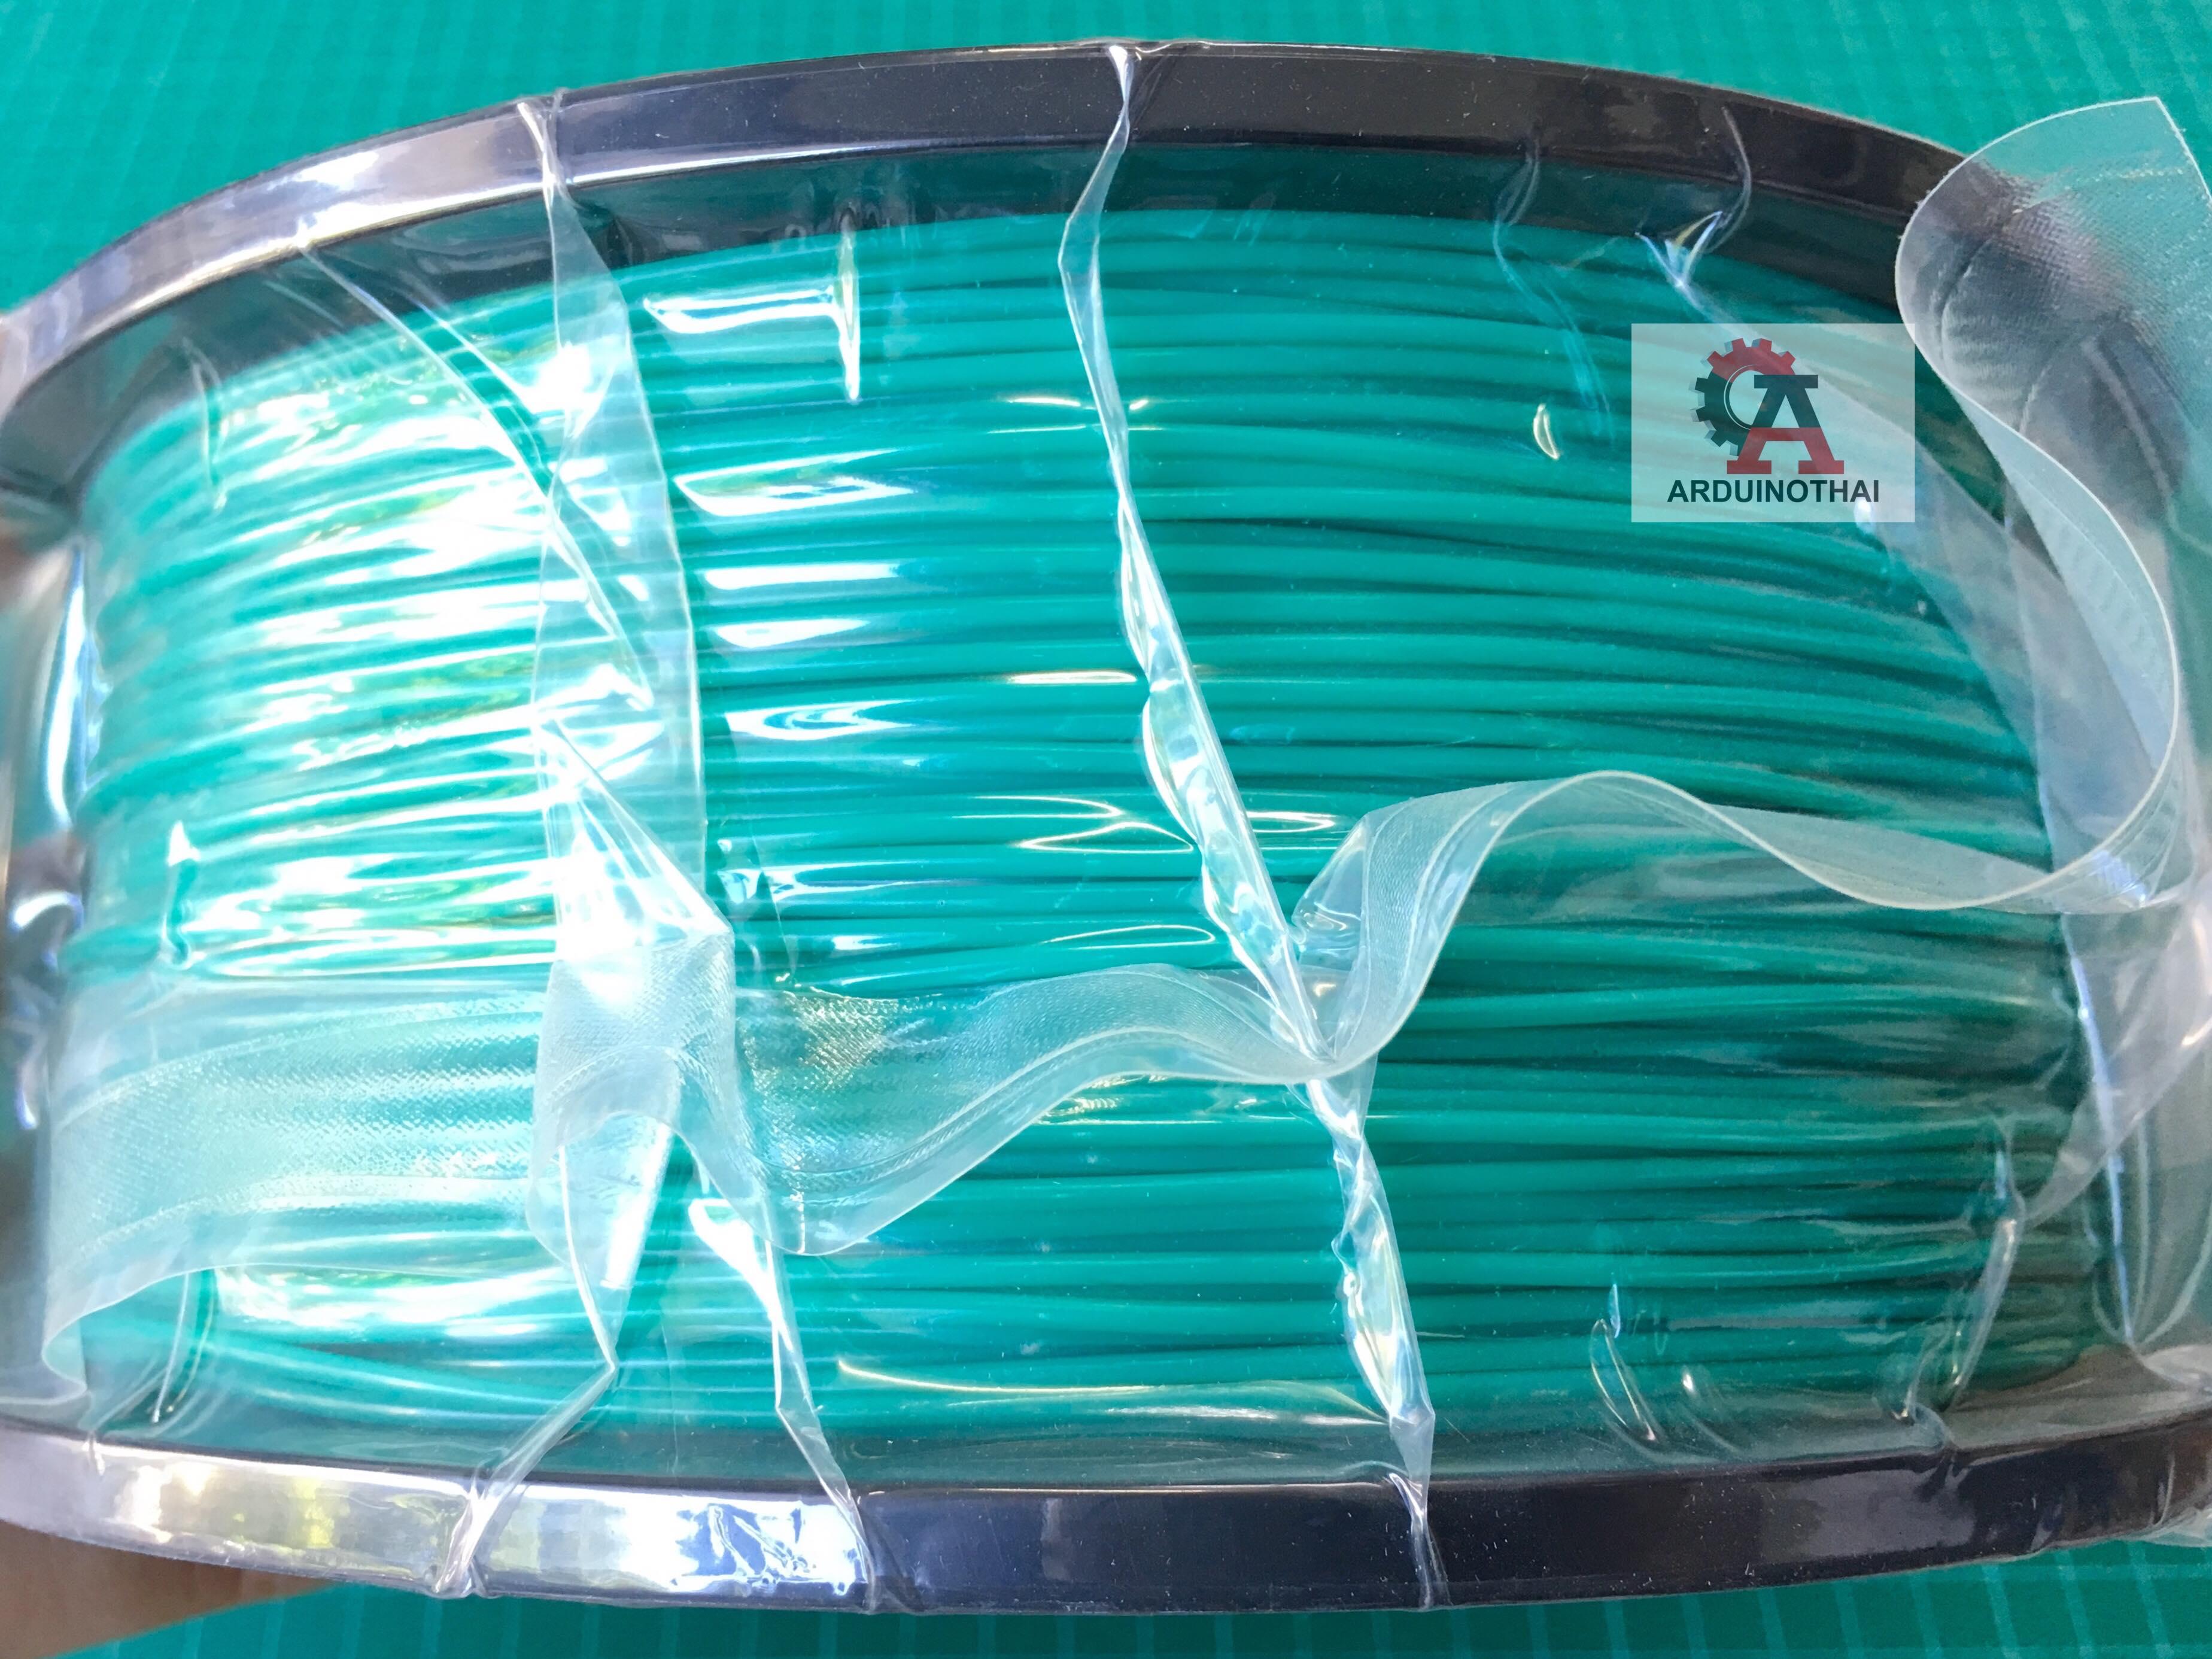 เส้นวัสดุ ABS ม้วนละ 1 กิโลกรัม (SEA GREEN)